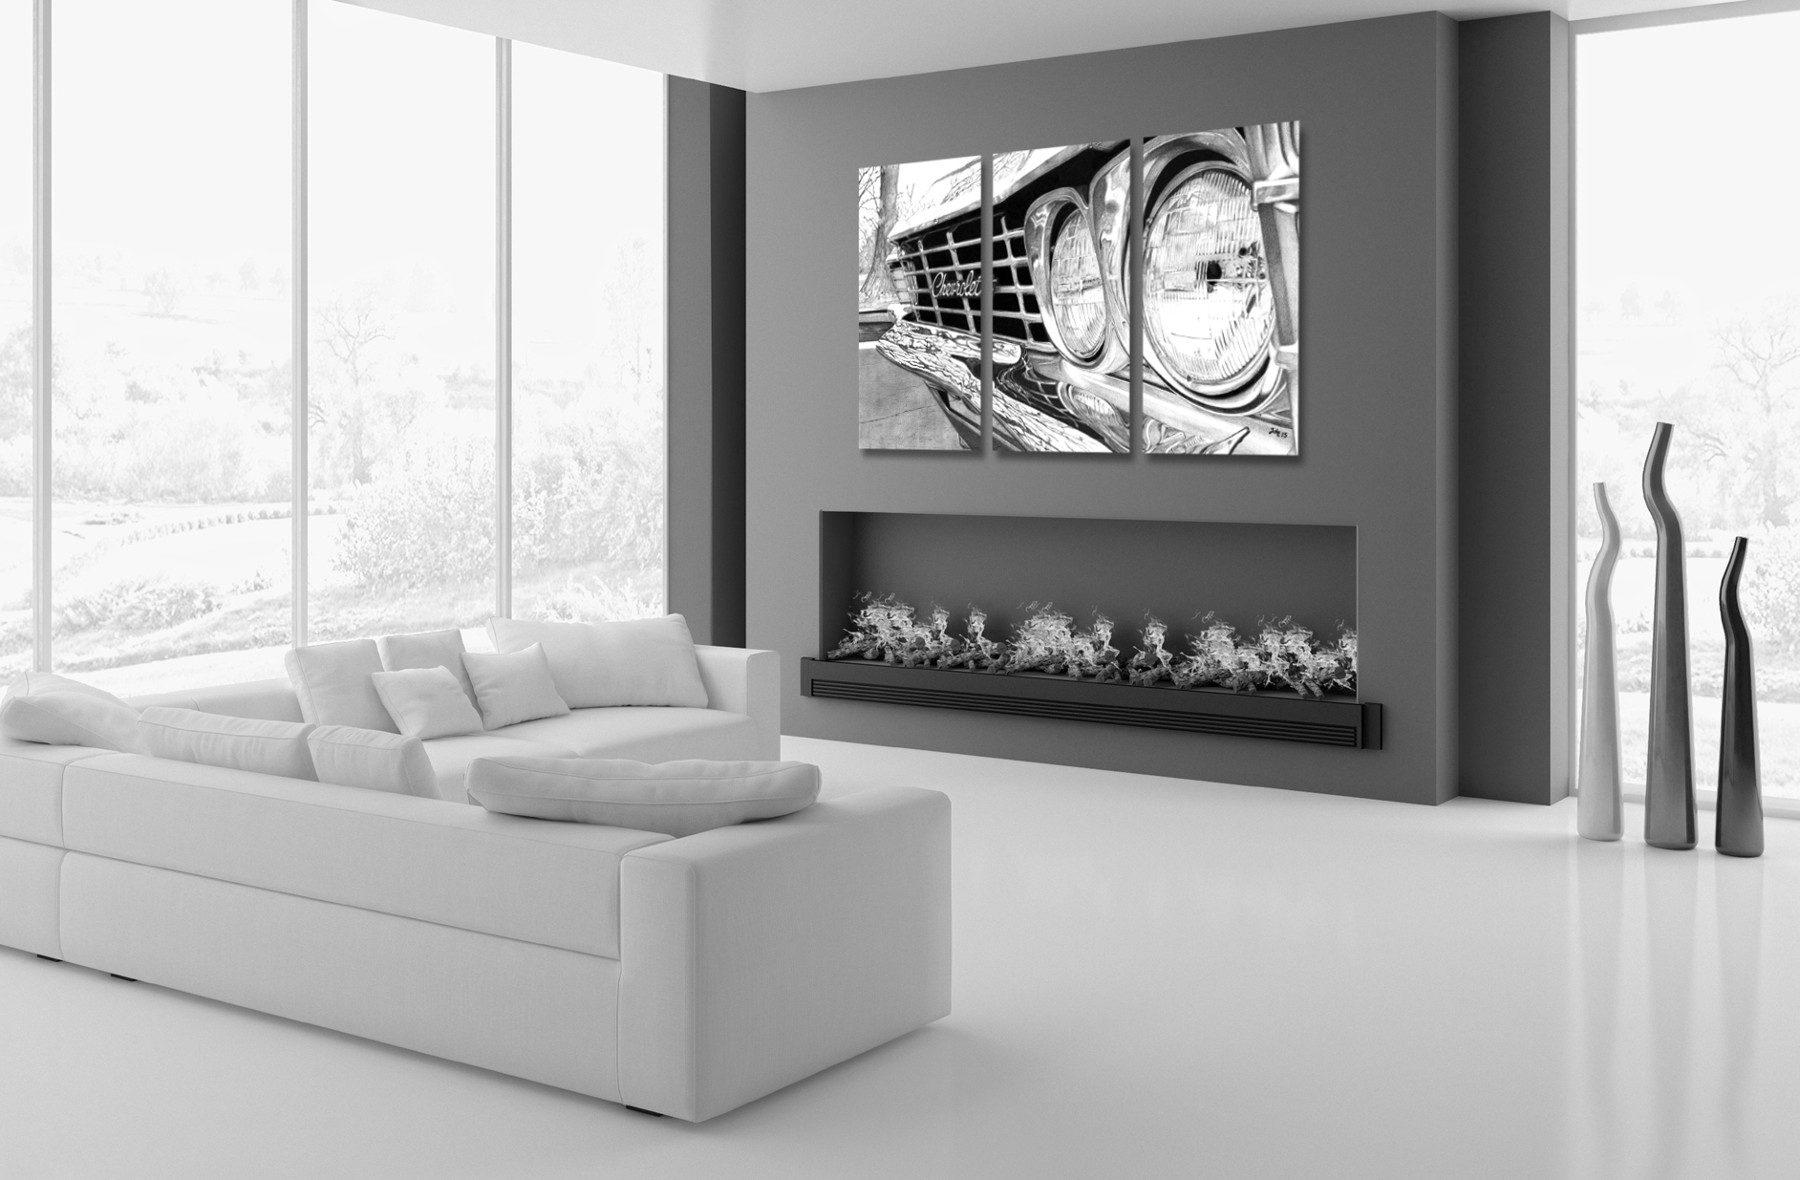 Jonathan wilmouth dessinateur portraitiste for Amenagez votre interieur